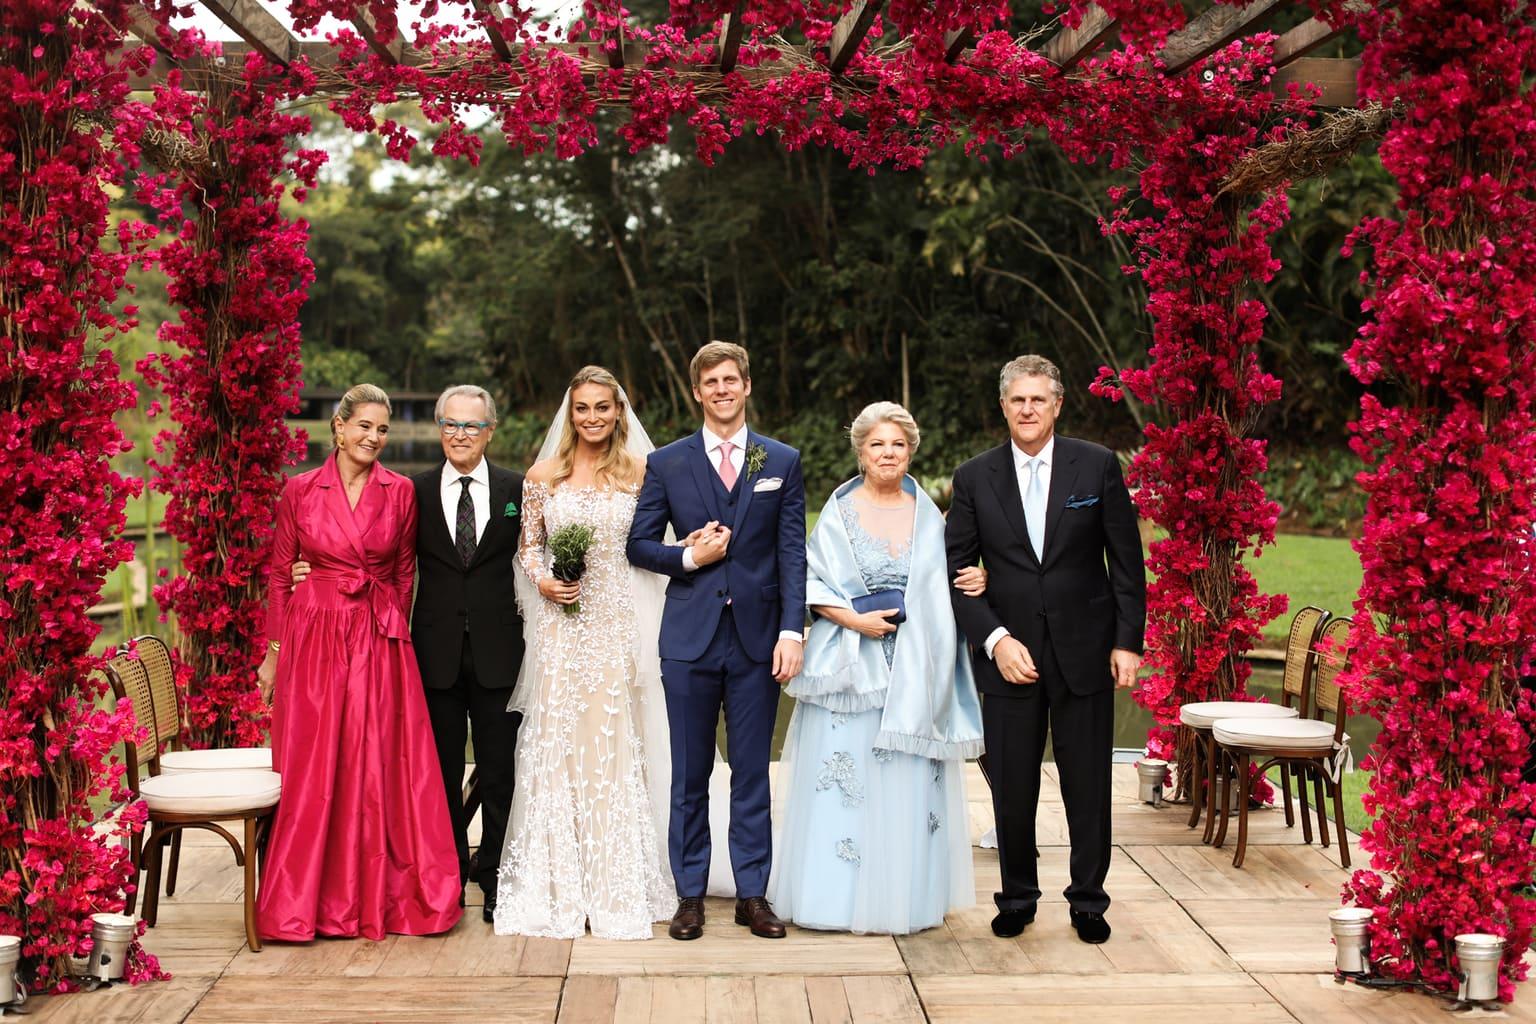 casamento-Pilar-e-Erick-casamento-no-campo-casamento-na-serra-Fotografia-Ana-Junqueira-Rio-de-Janeiro2-1